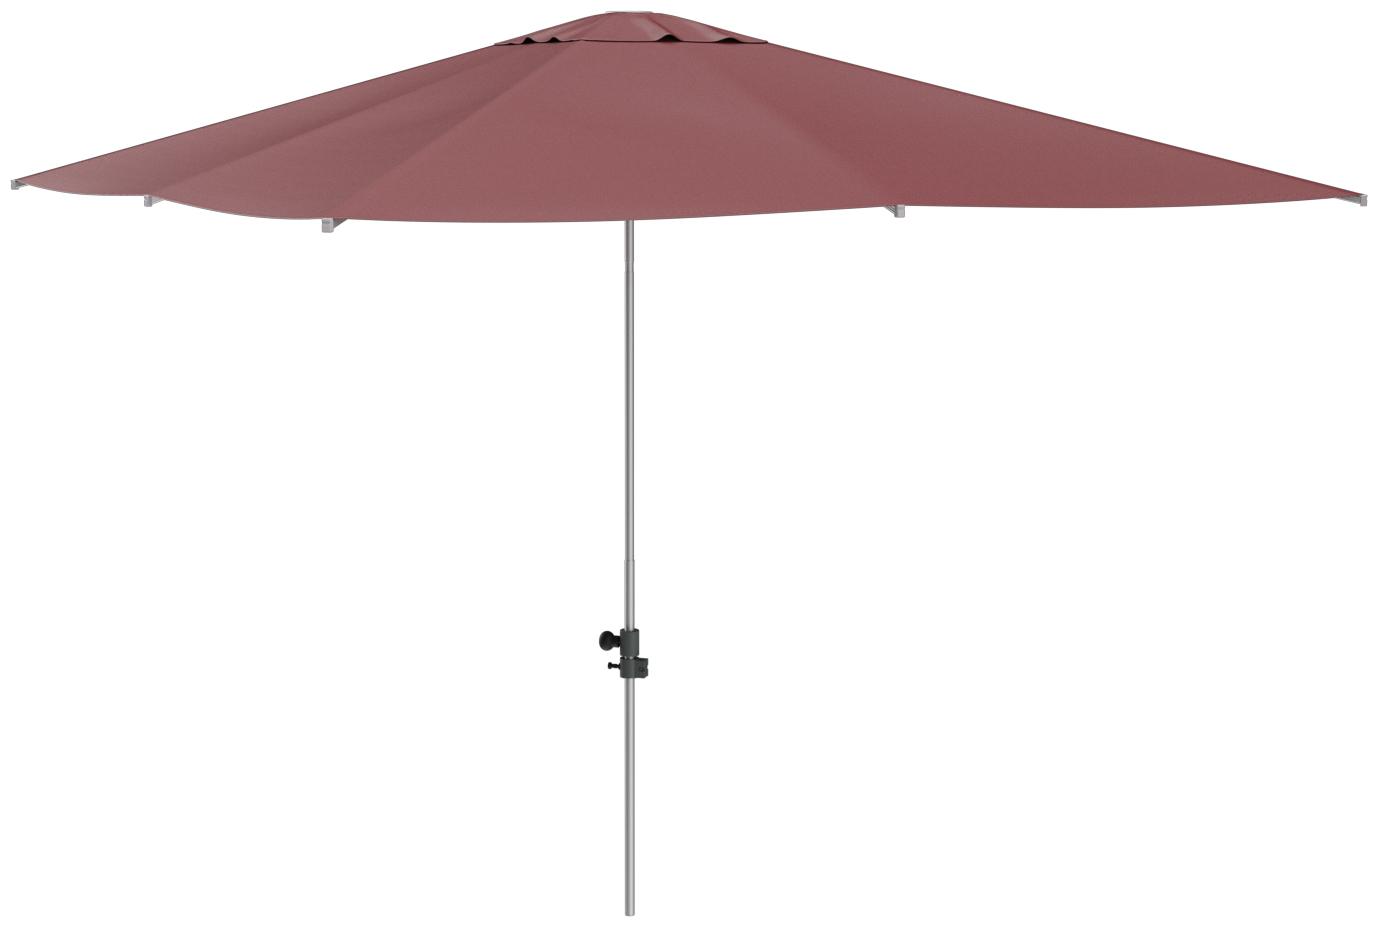 Abbildung Schirm Halina Schrägansicht